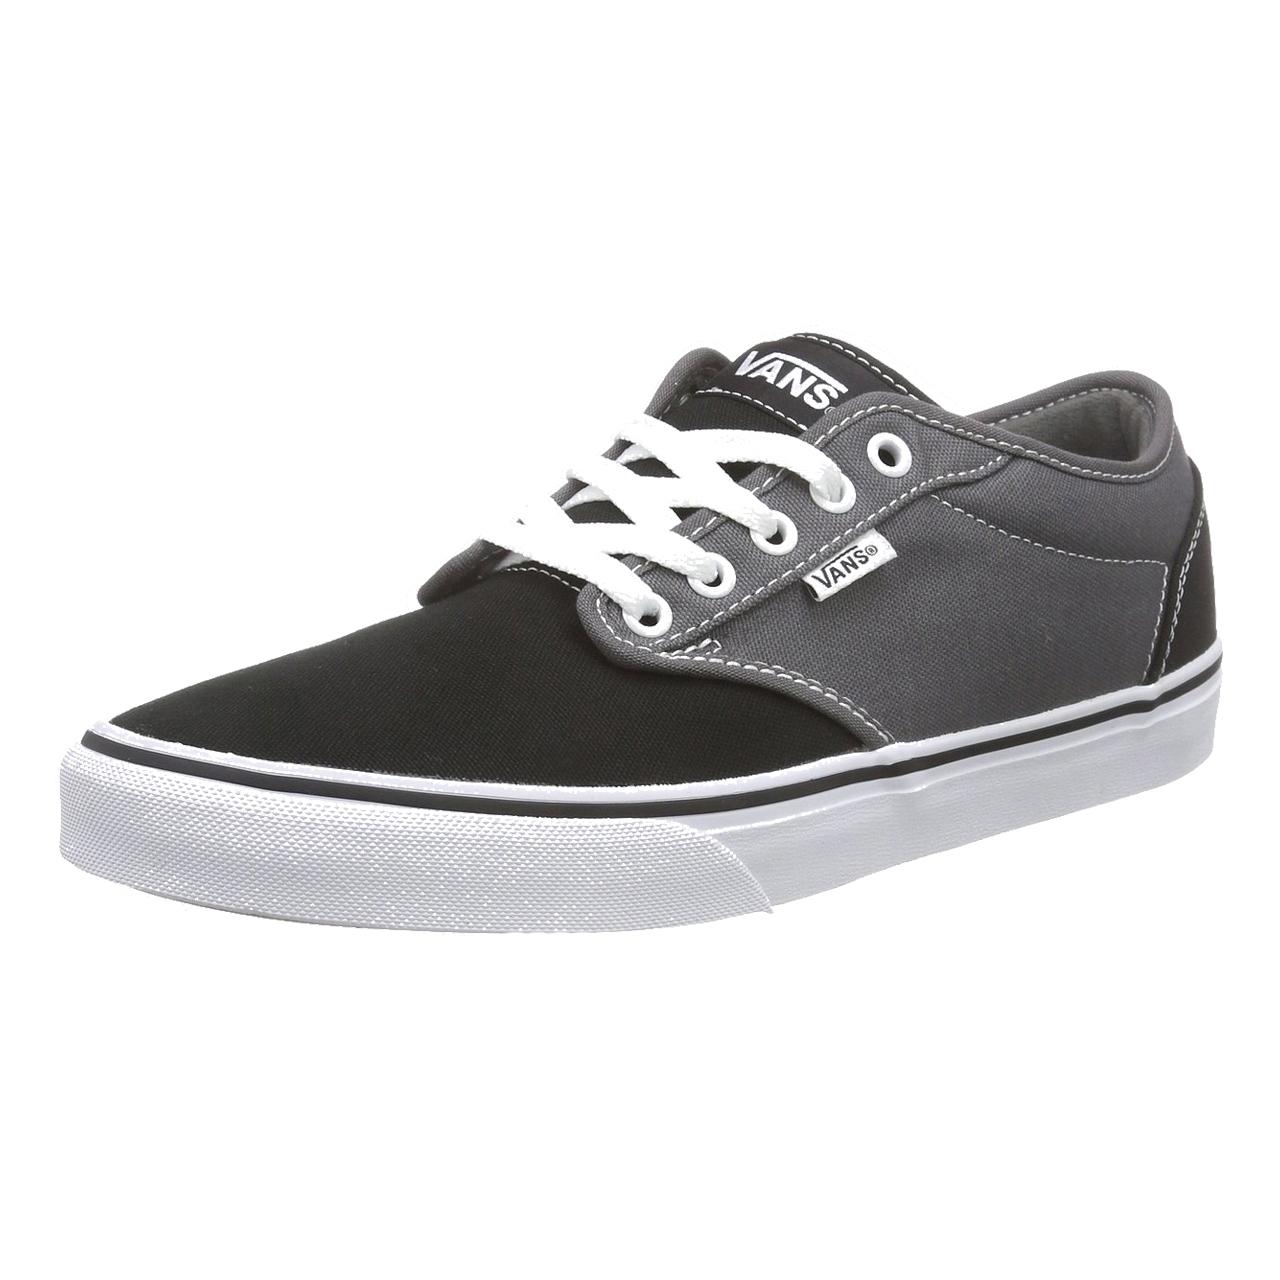 کفش راحتی مردانه ونس مدل Atwood 15G5EV